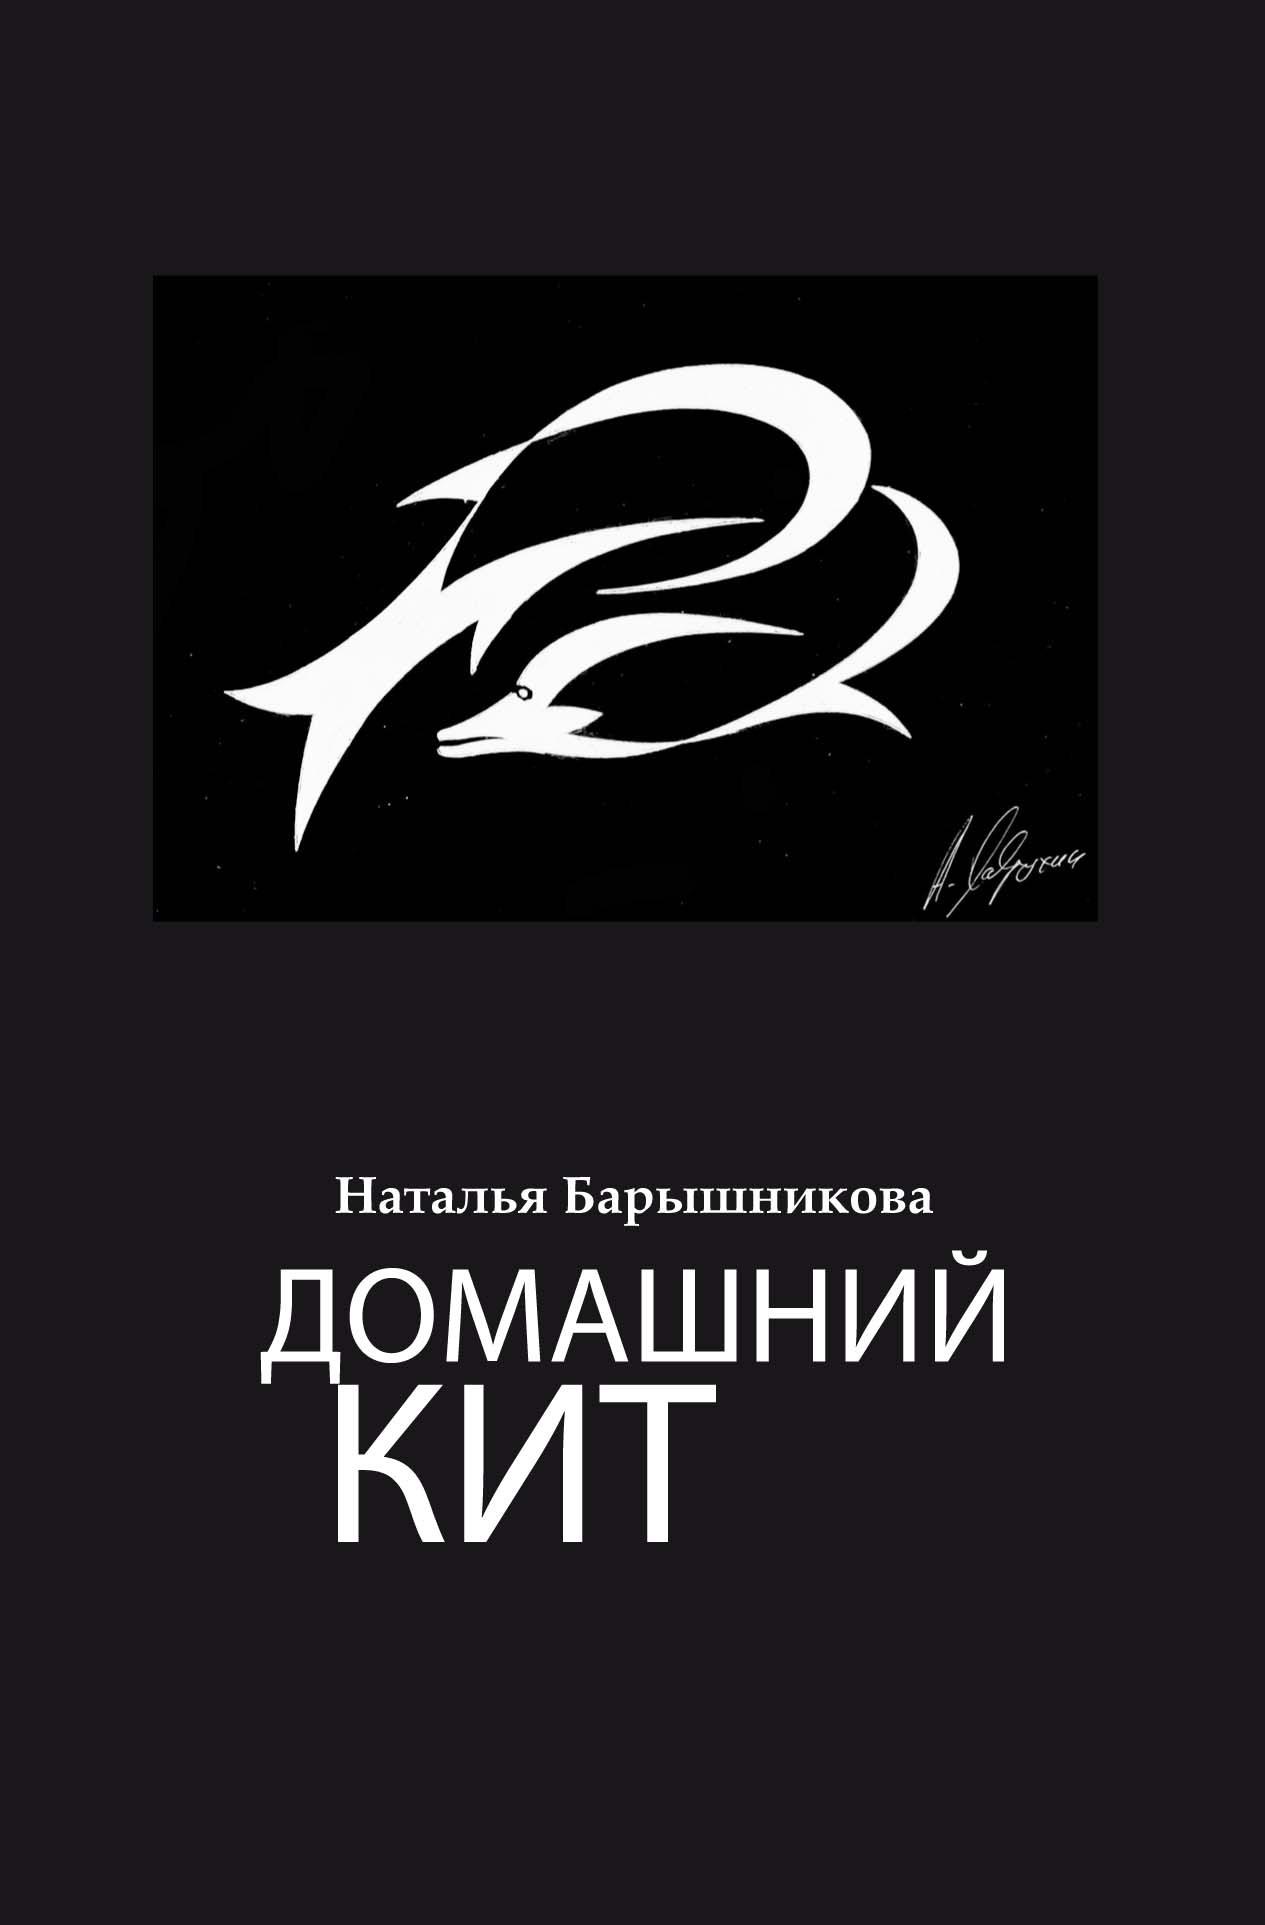 Купить книгу Домашний кит, автора Натальи Барышниковой